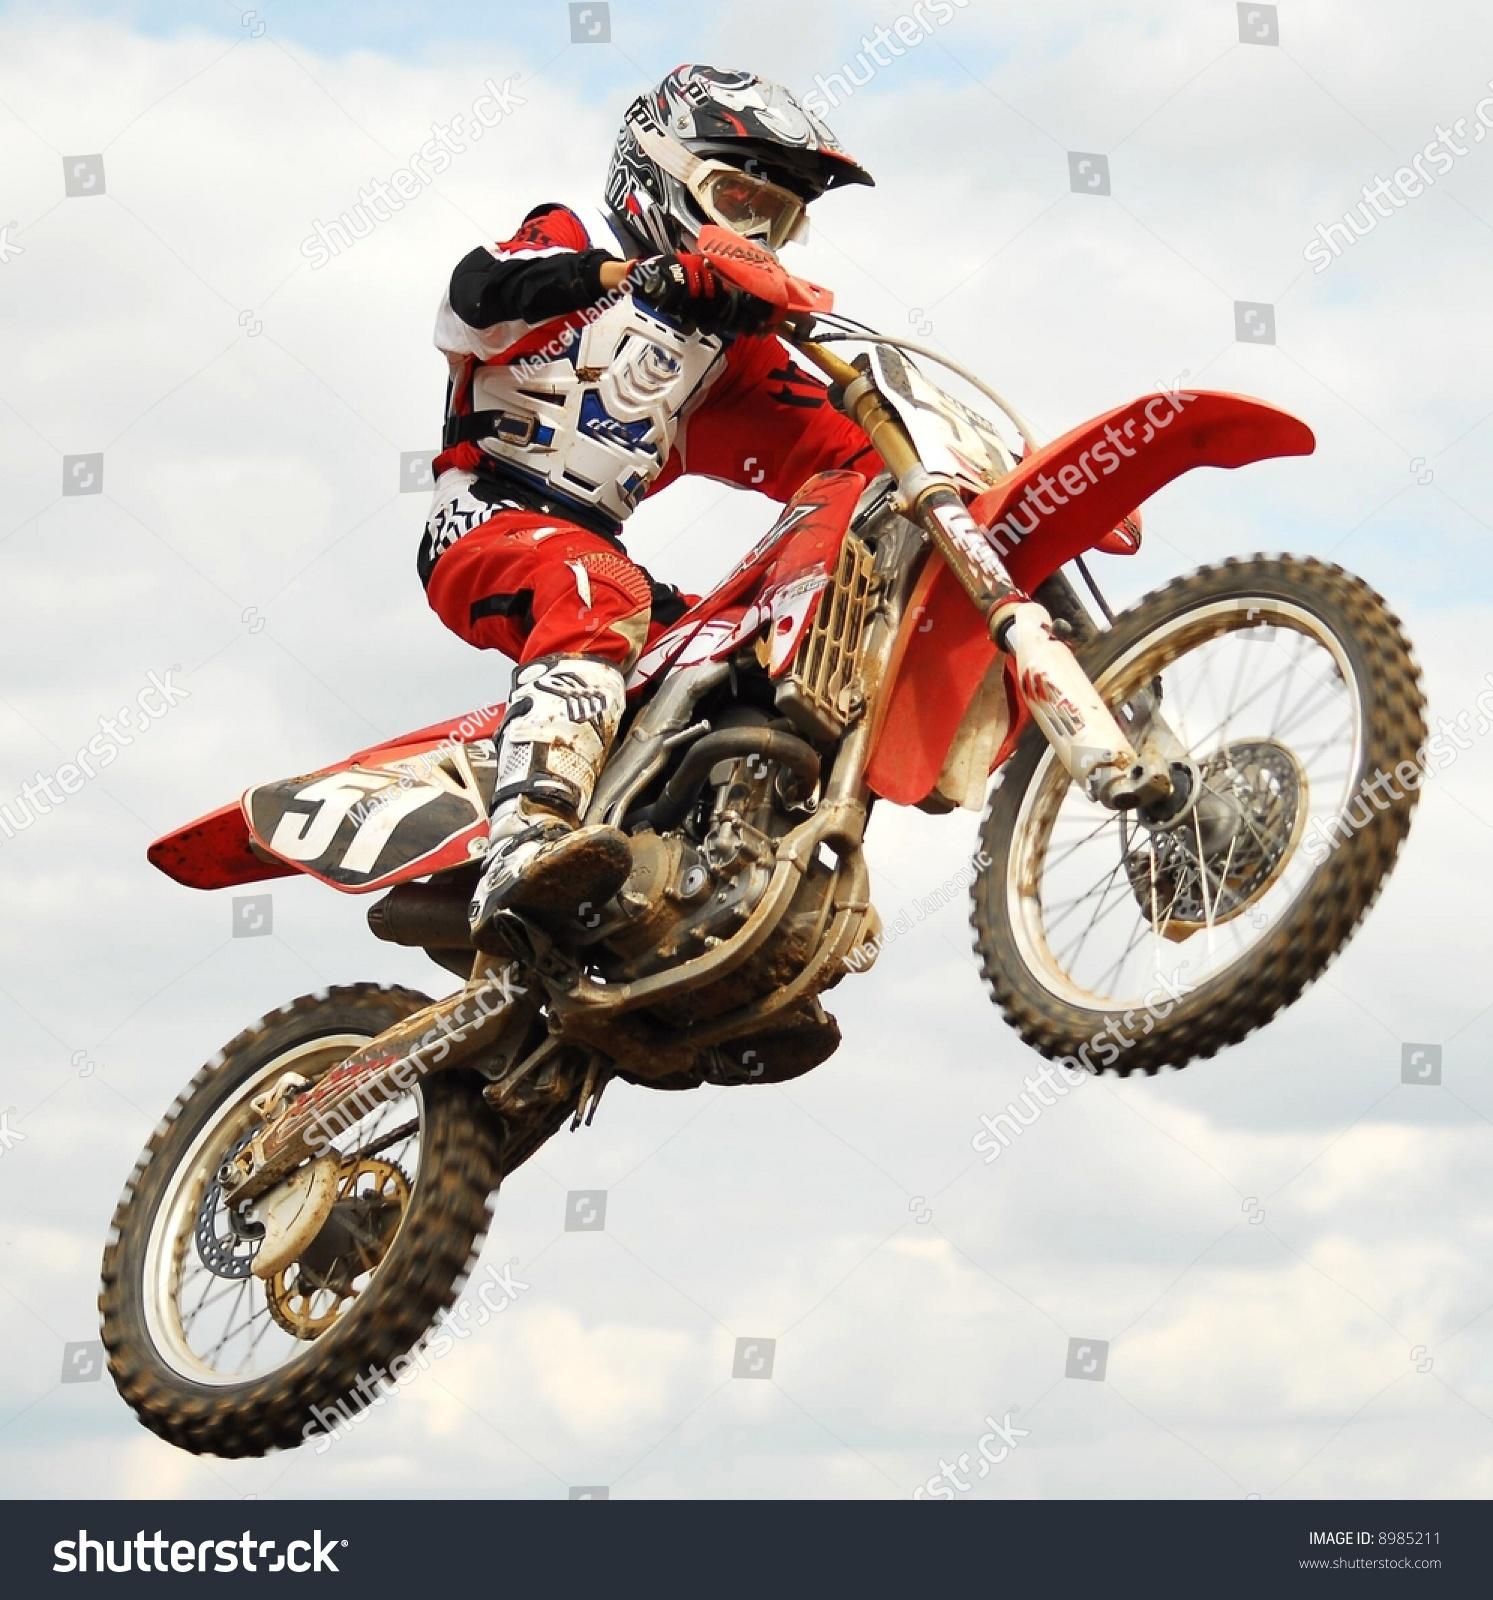 MX Rider - PlayStation 2 | VideoGameX